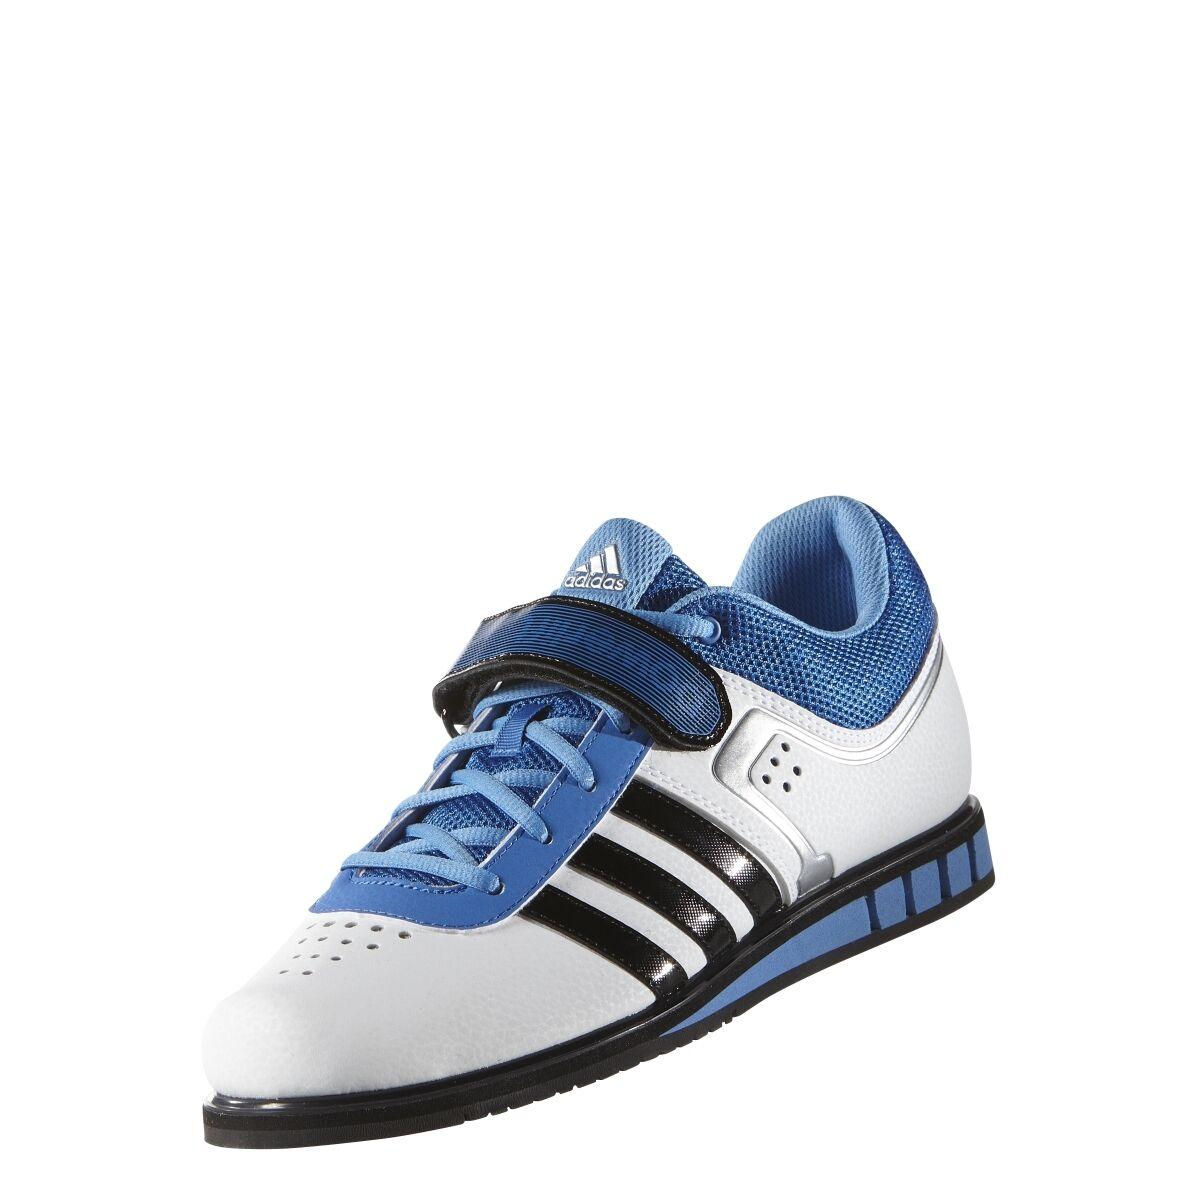 Adidas powerlift 2.0 gewichtheben / hocken größen: schuhe b39760 männer - größen: hocken 4,5 bis 7,5 44f030